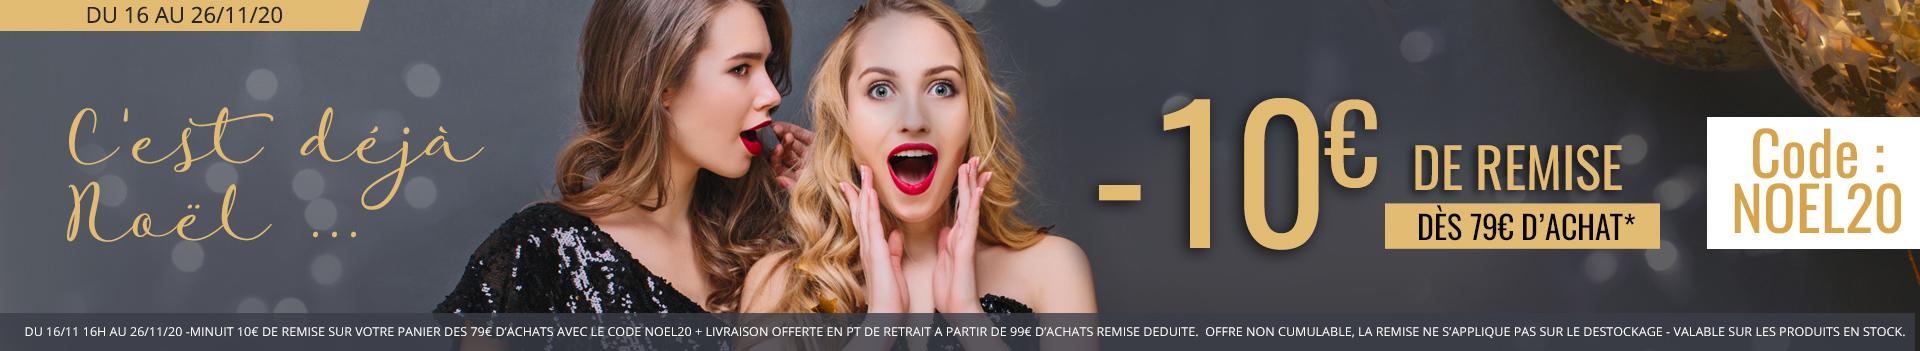 -10€ dès 79€ d'achats avec le code NOEL20 jusqu'au 26/11/20